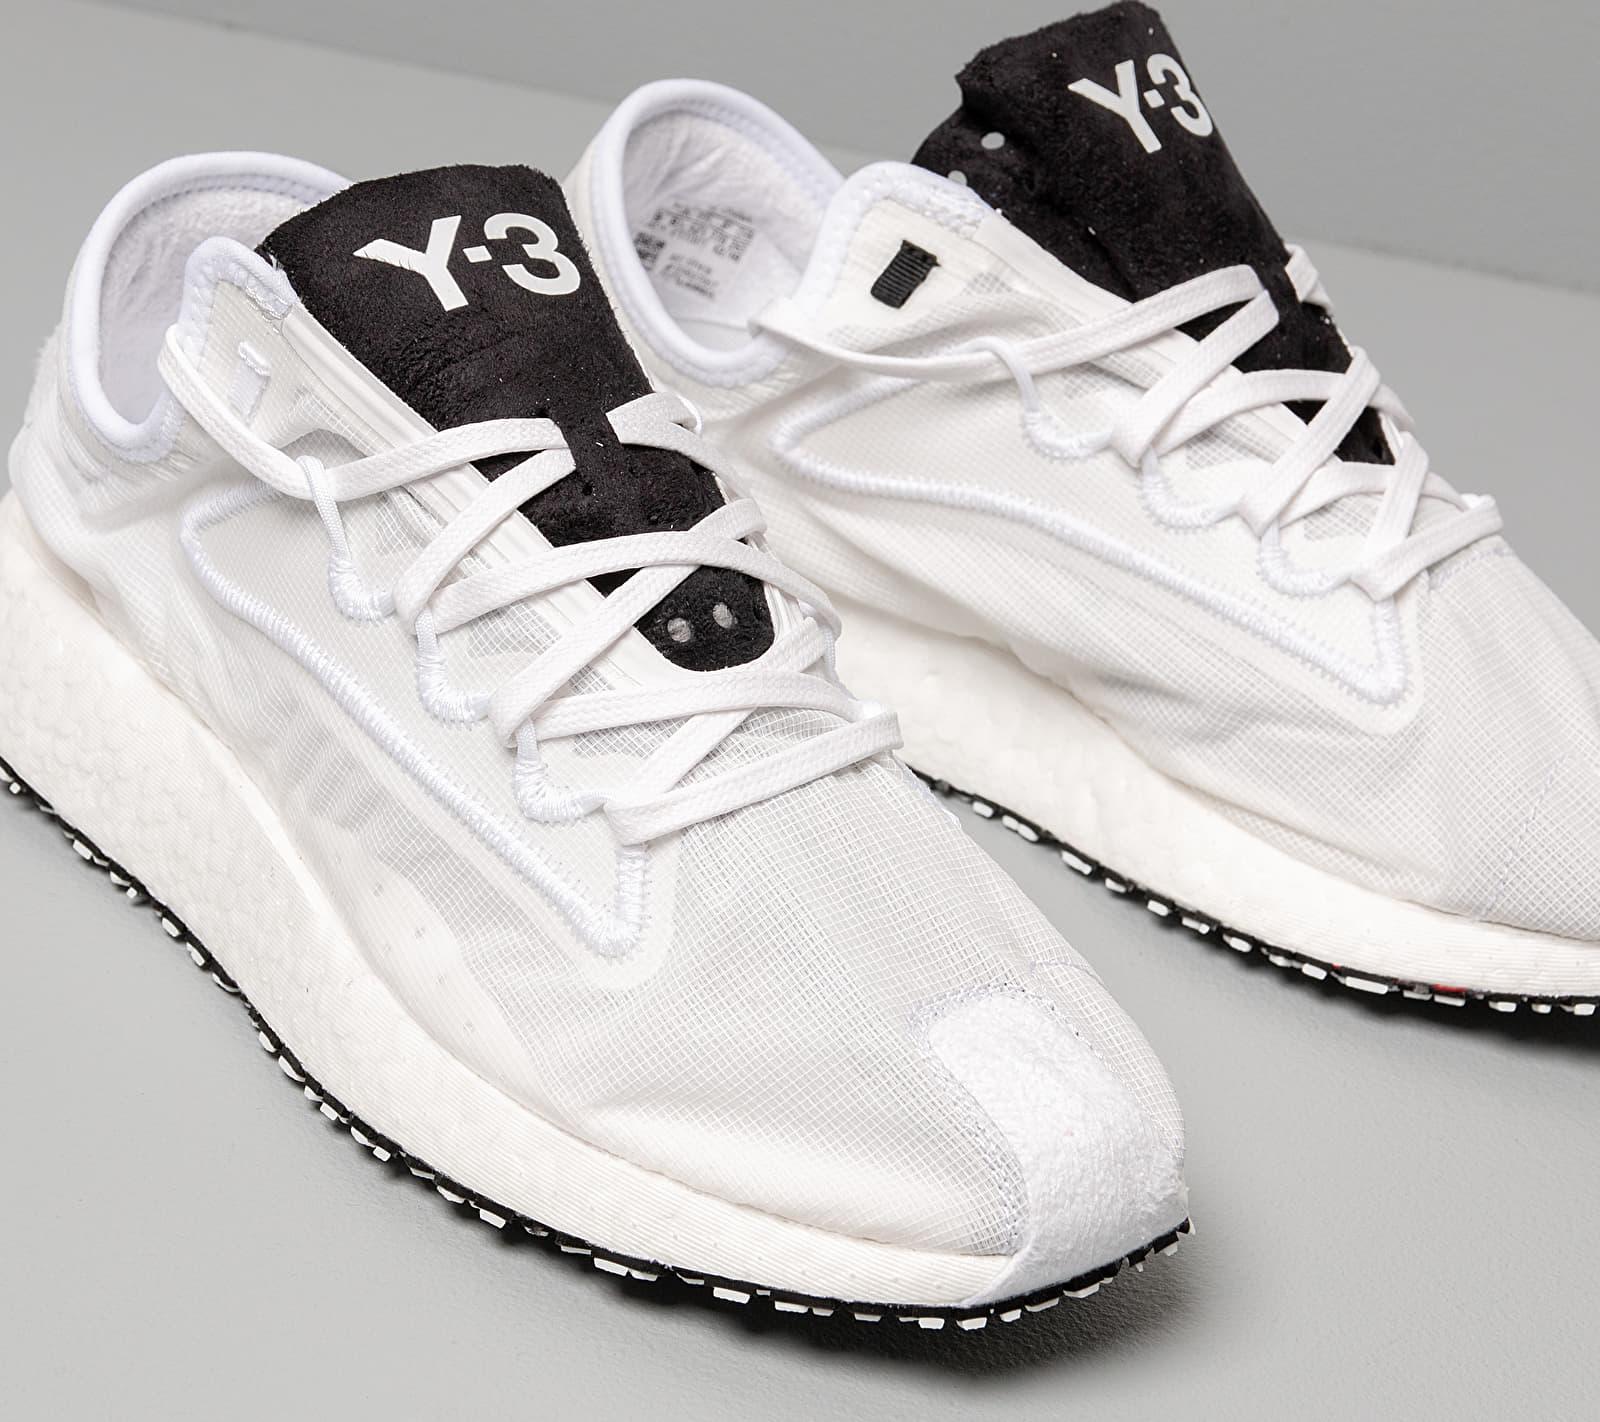 Y-3 Raito Racer Ftwr White/ Black/ Ftwr White